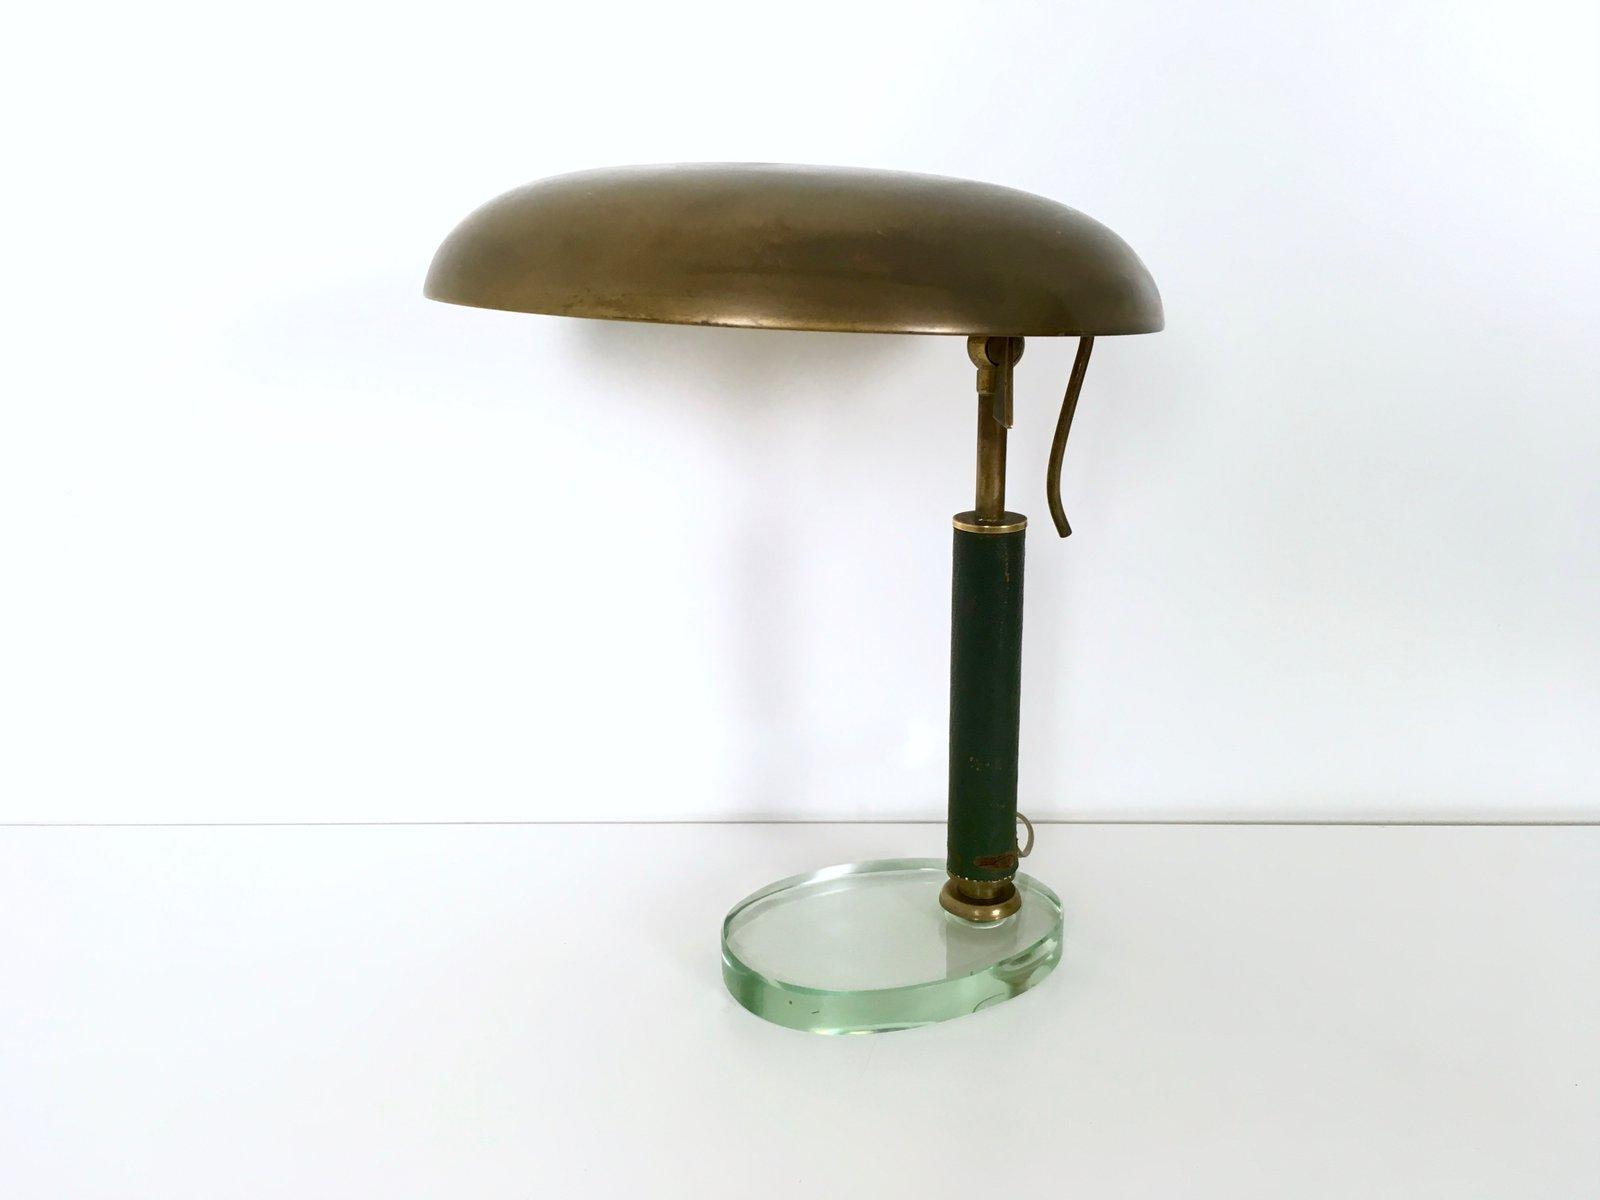 italienische messing tischlampe 1950er bei pamono kaufen. Black Bedroom Furniture Sets. Home Design Ideas